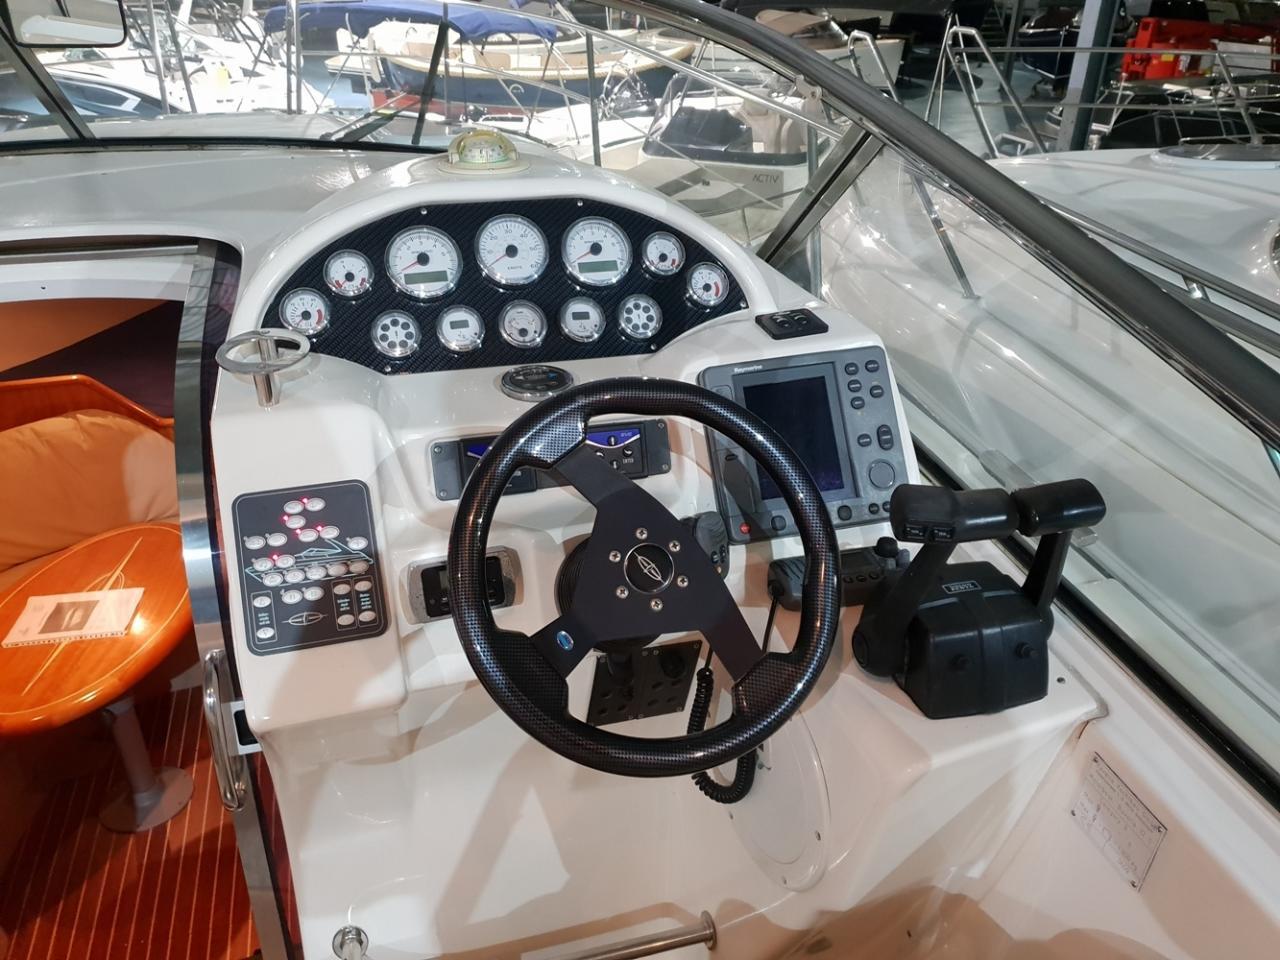 Bavaria 32 sport met 2 x Volvo Penta D3-160 11